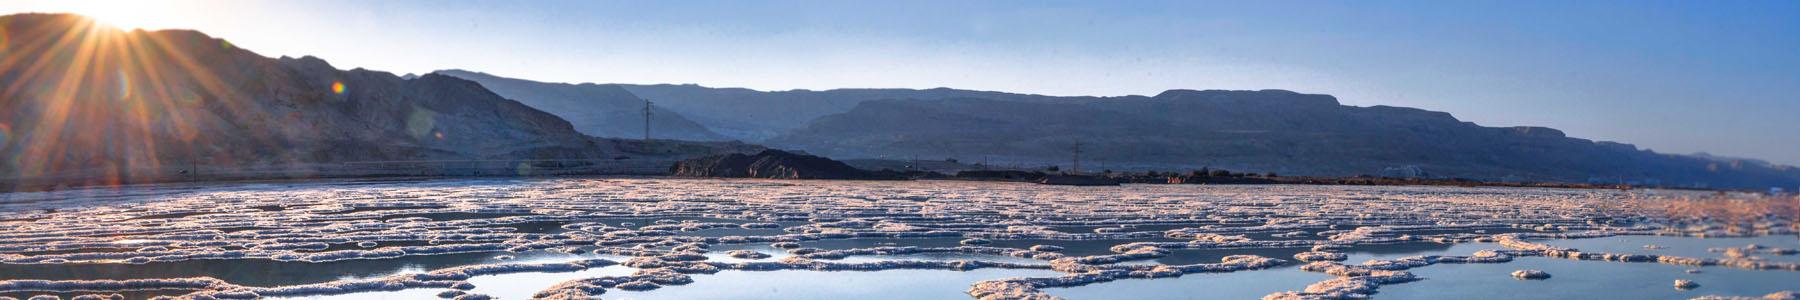 Мертвое море в Израиле с соляными отложениями